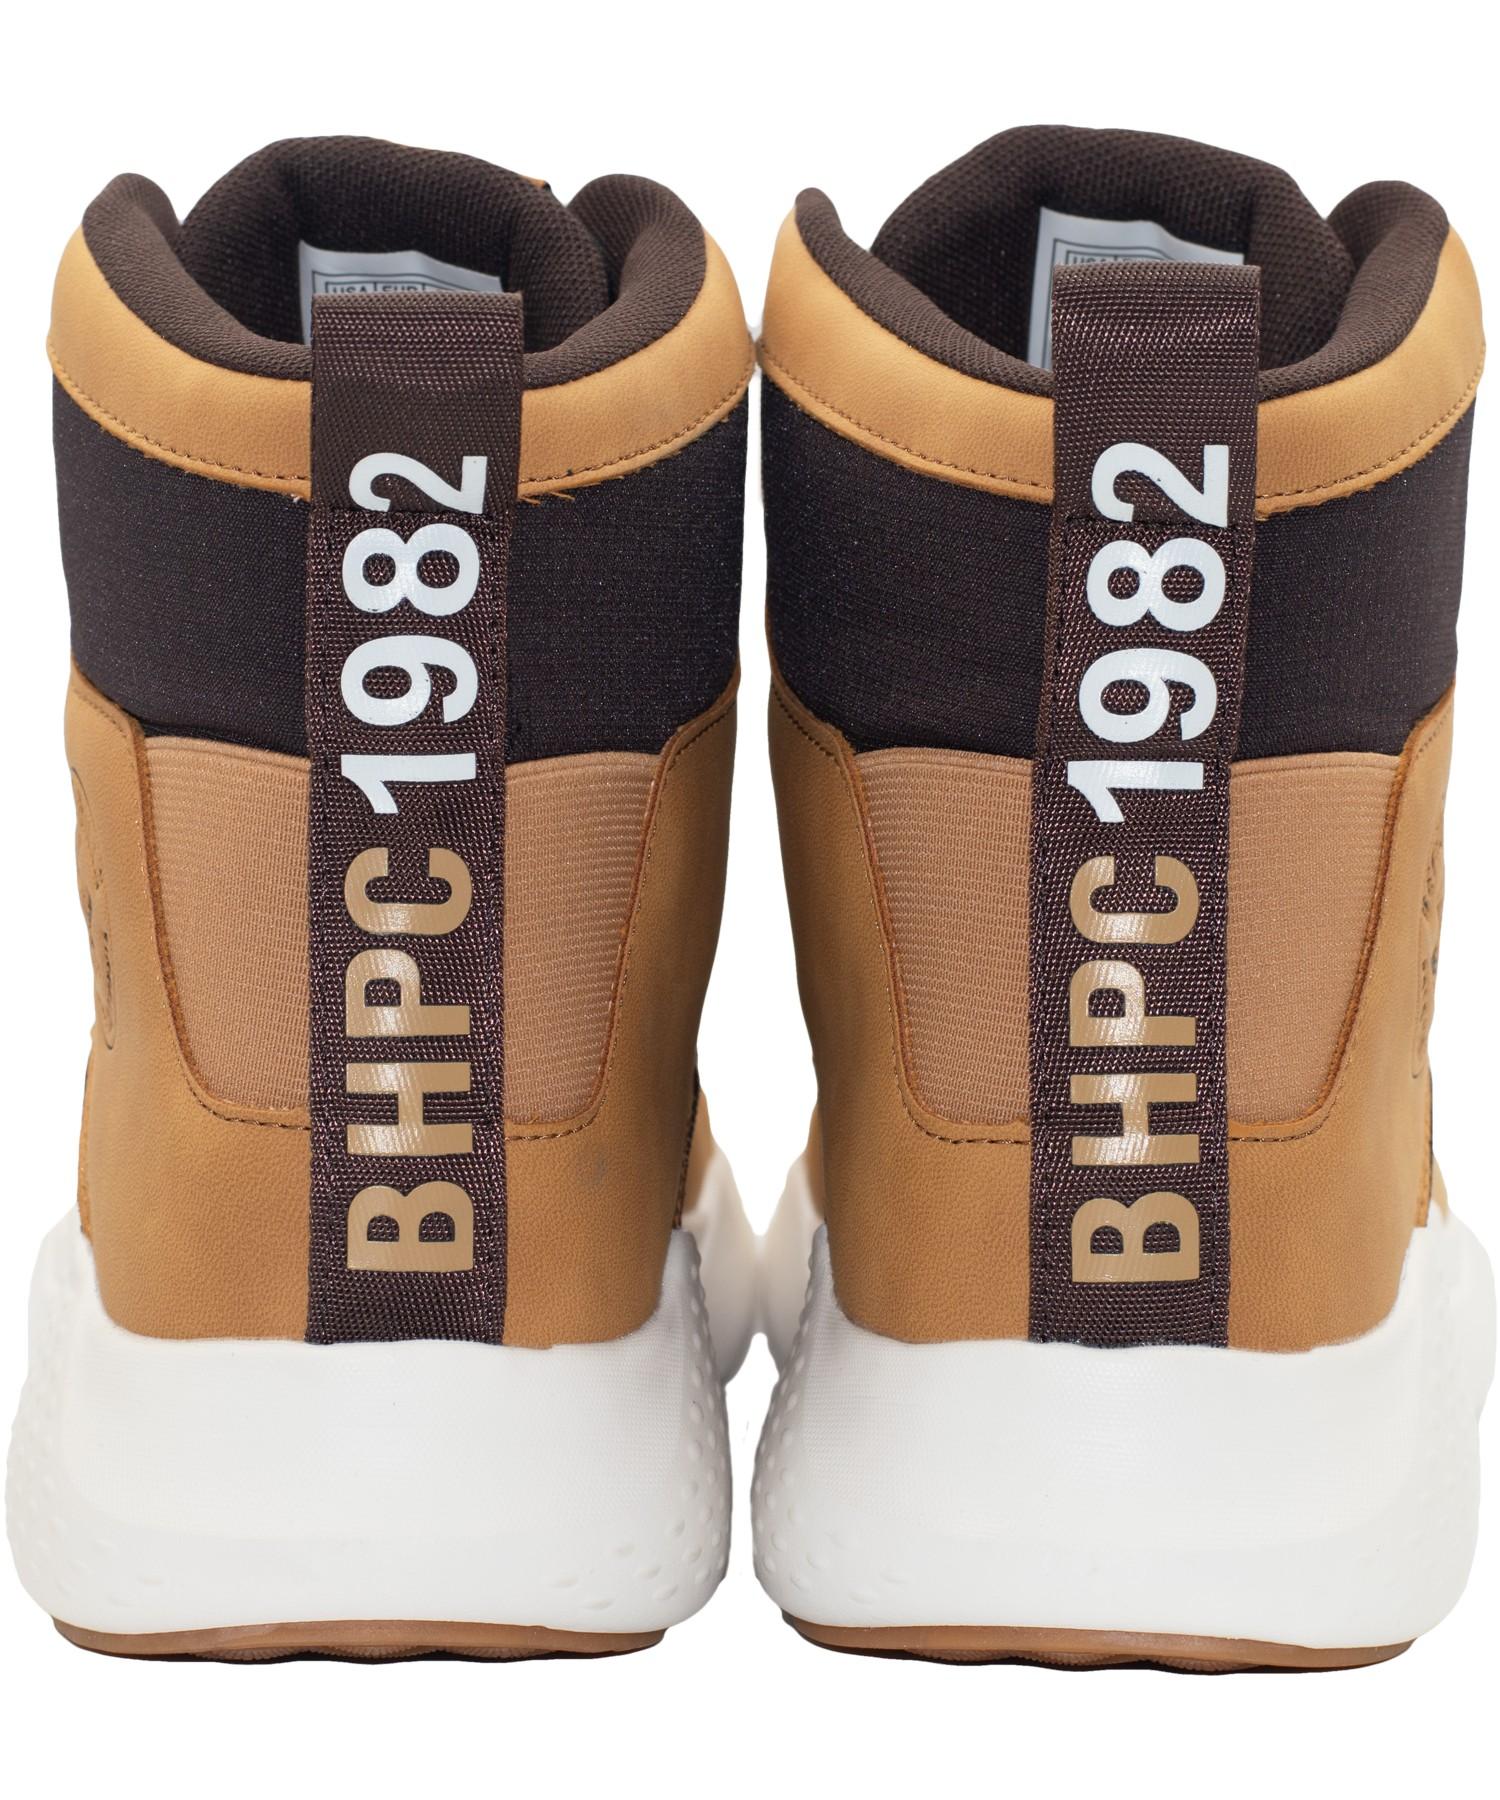 Zapatillas de Hombre Bhpc Active Caña Alta Cafe